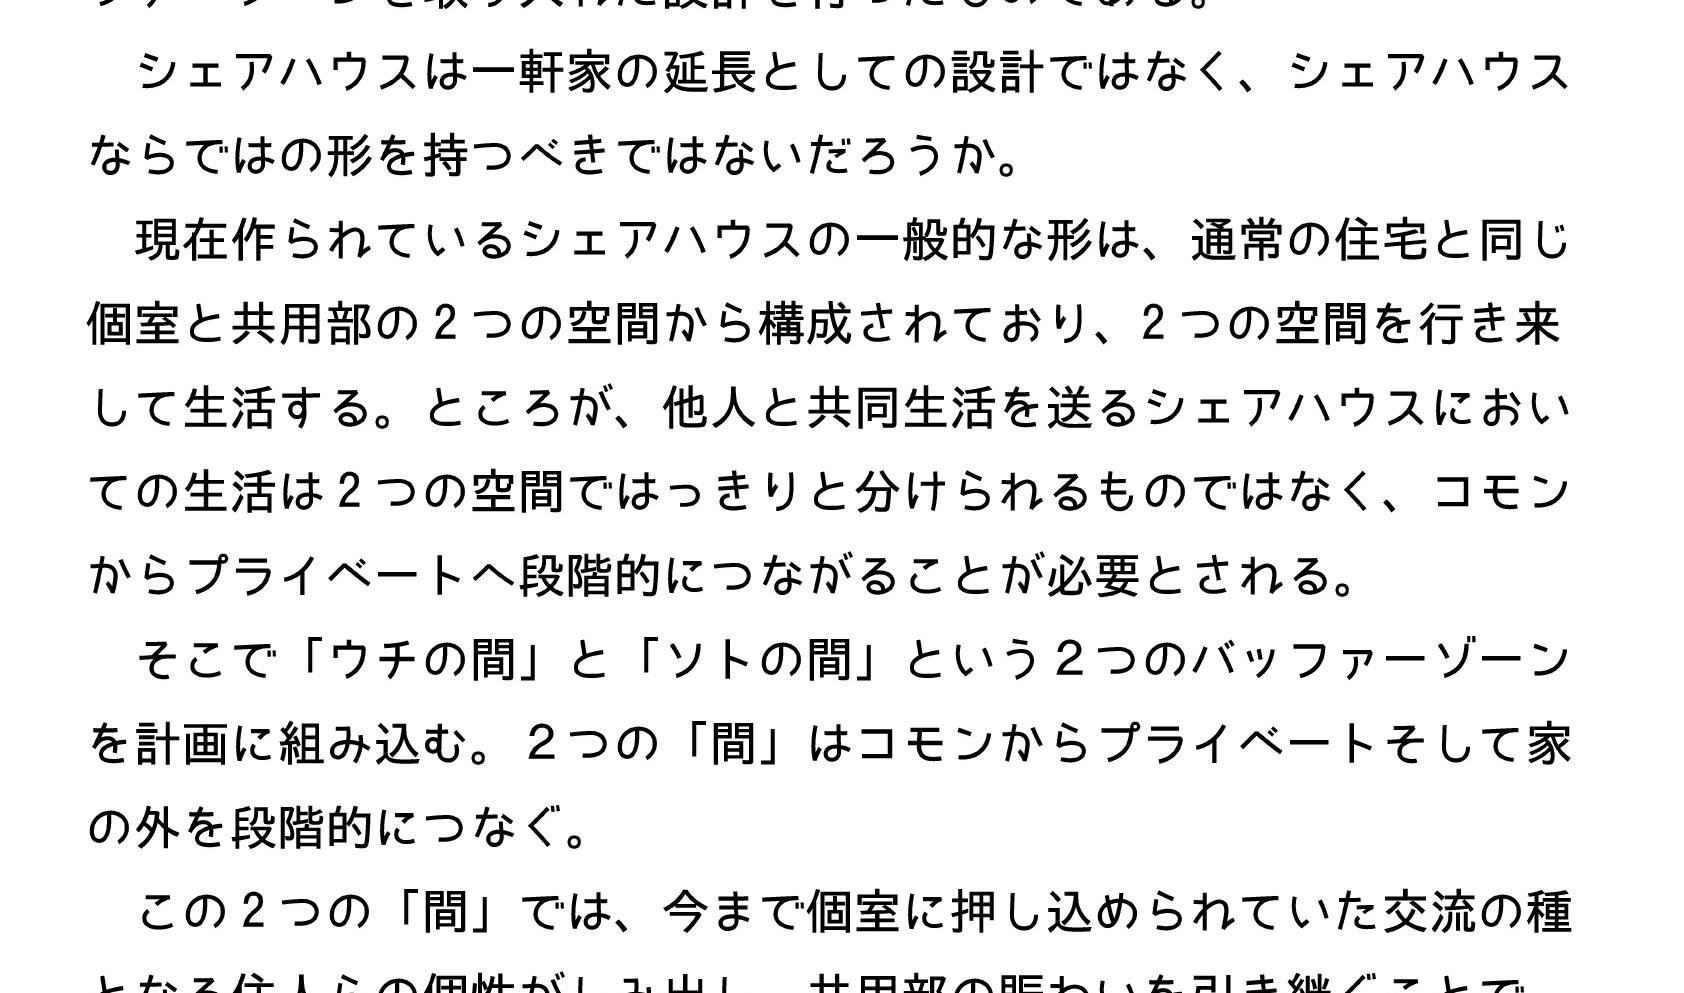 高巣文里_02.jpg